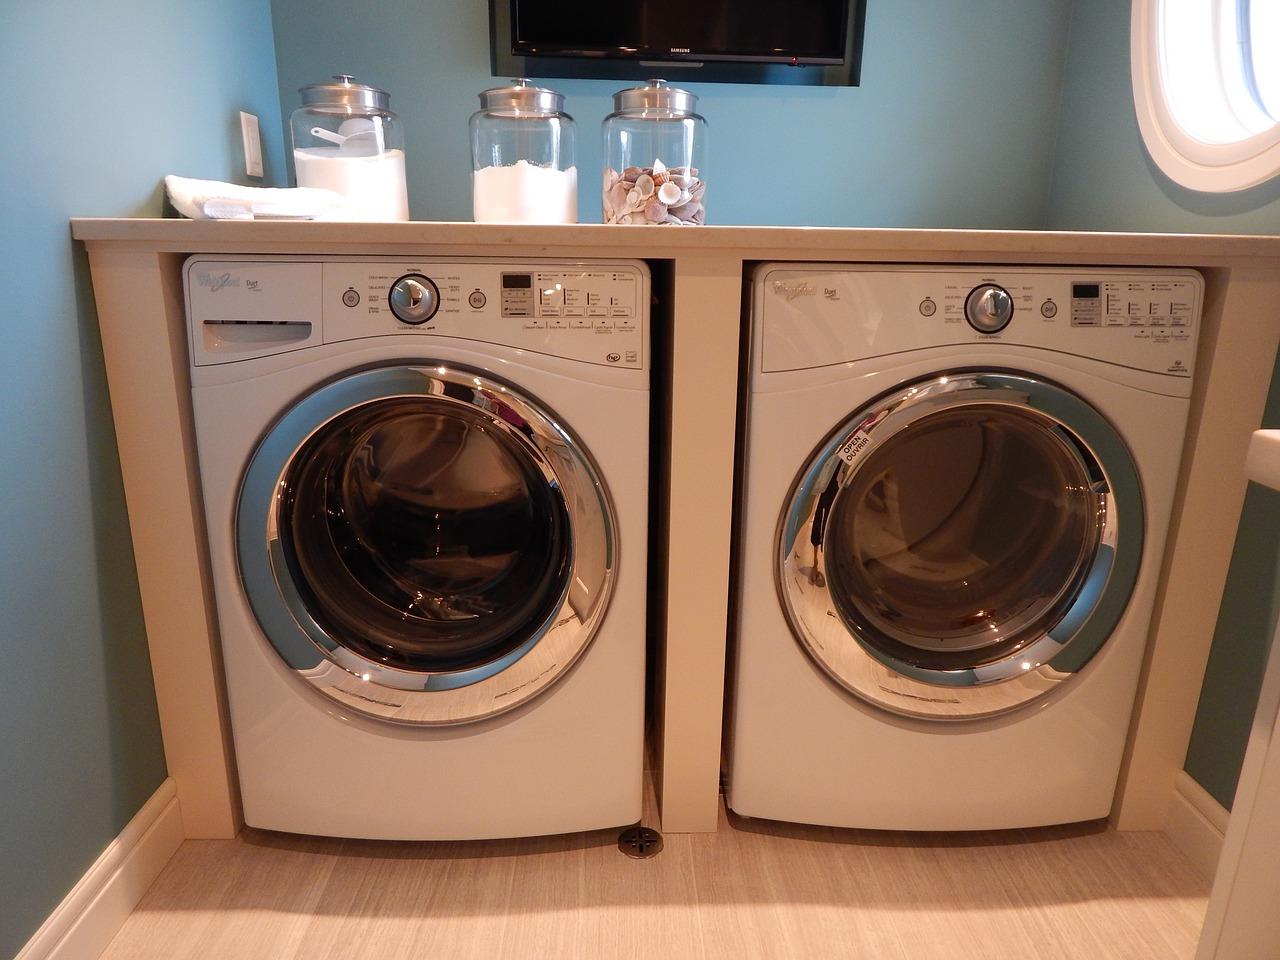 効果半減を防ごう!洗濯洗剤の入れ方次第で汚れ落ち具合が変わる!